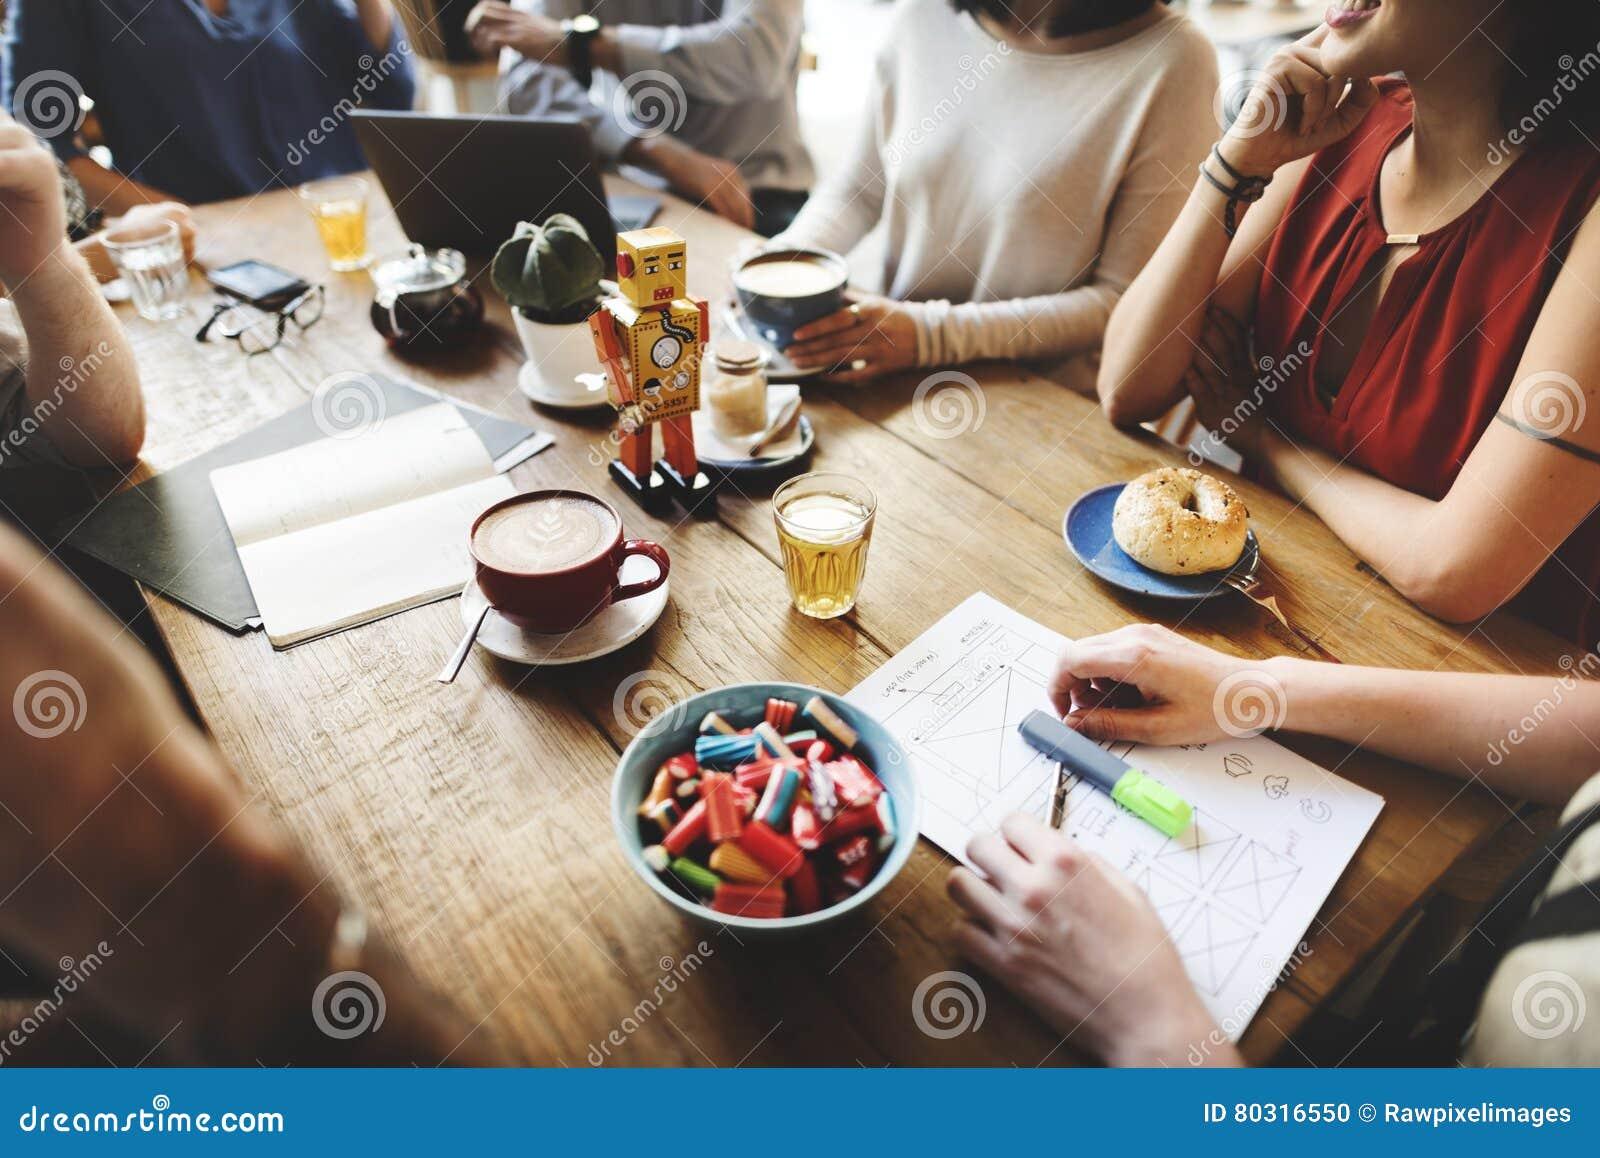 Verschiedenartigkeits-Freunde, die Kaffeestube-Brainstorming-Konzept treffen